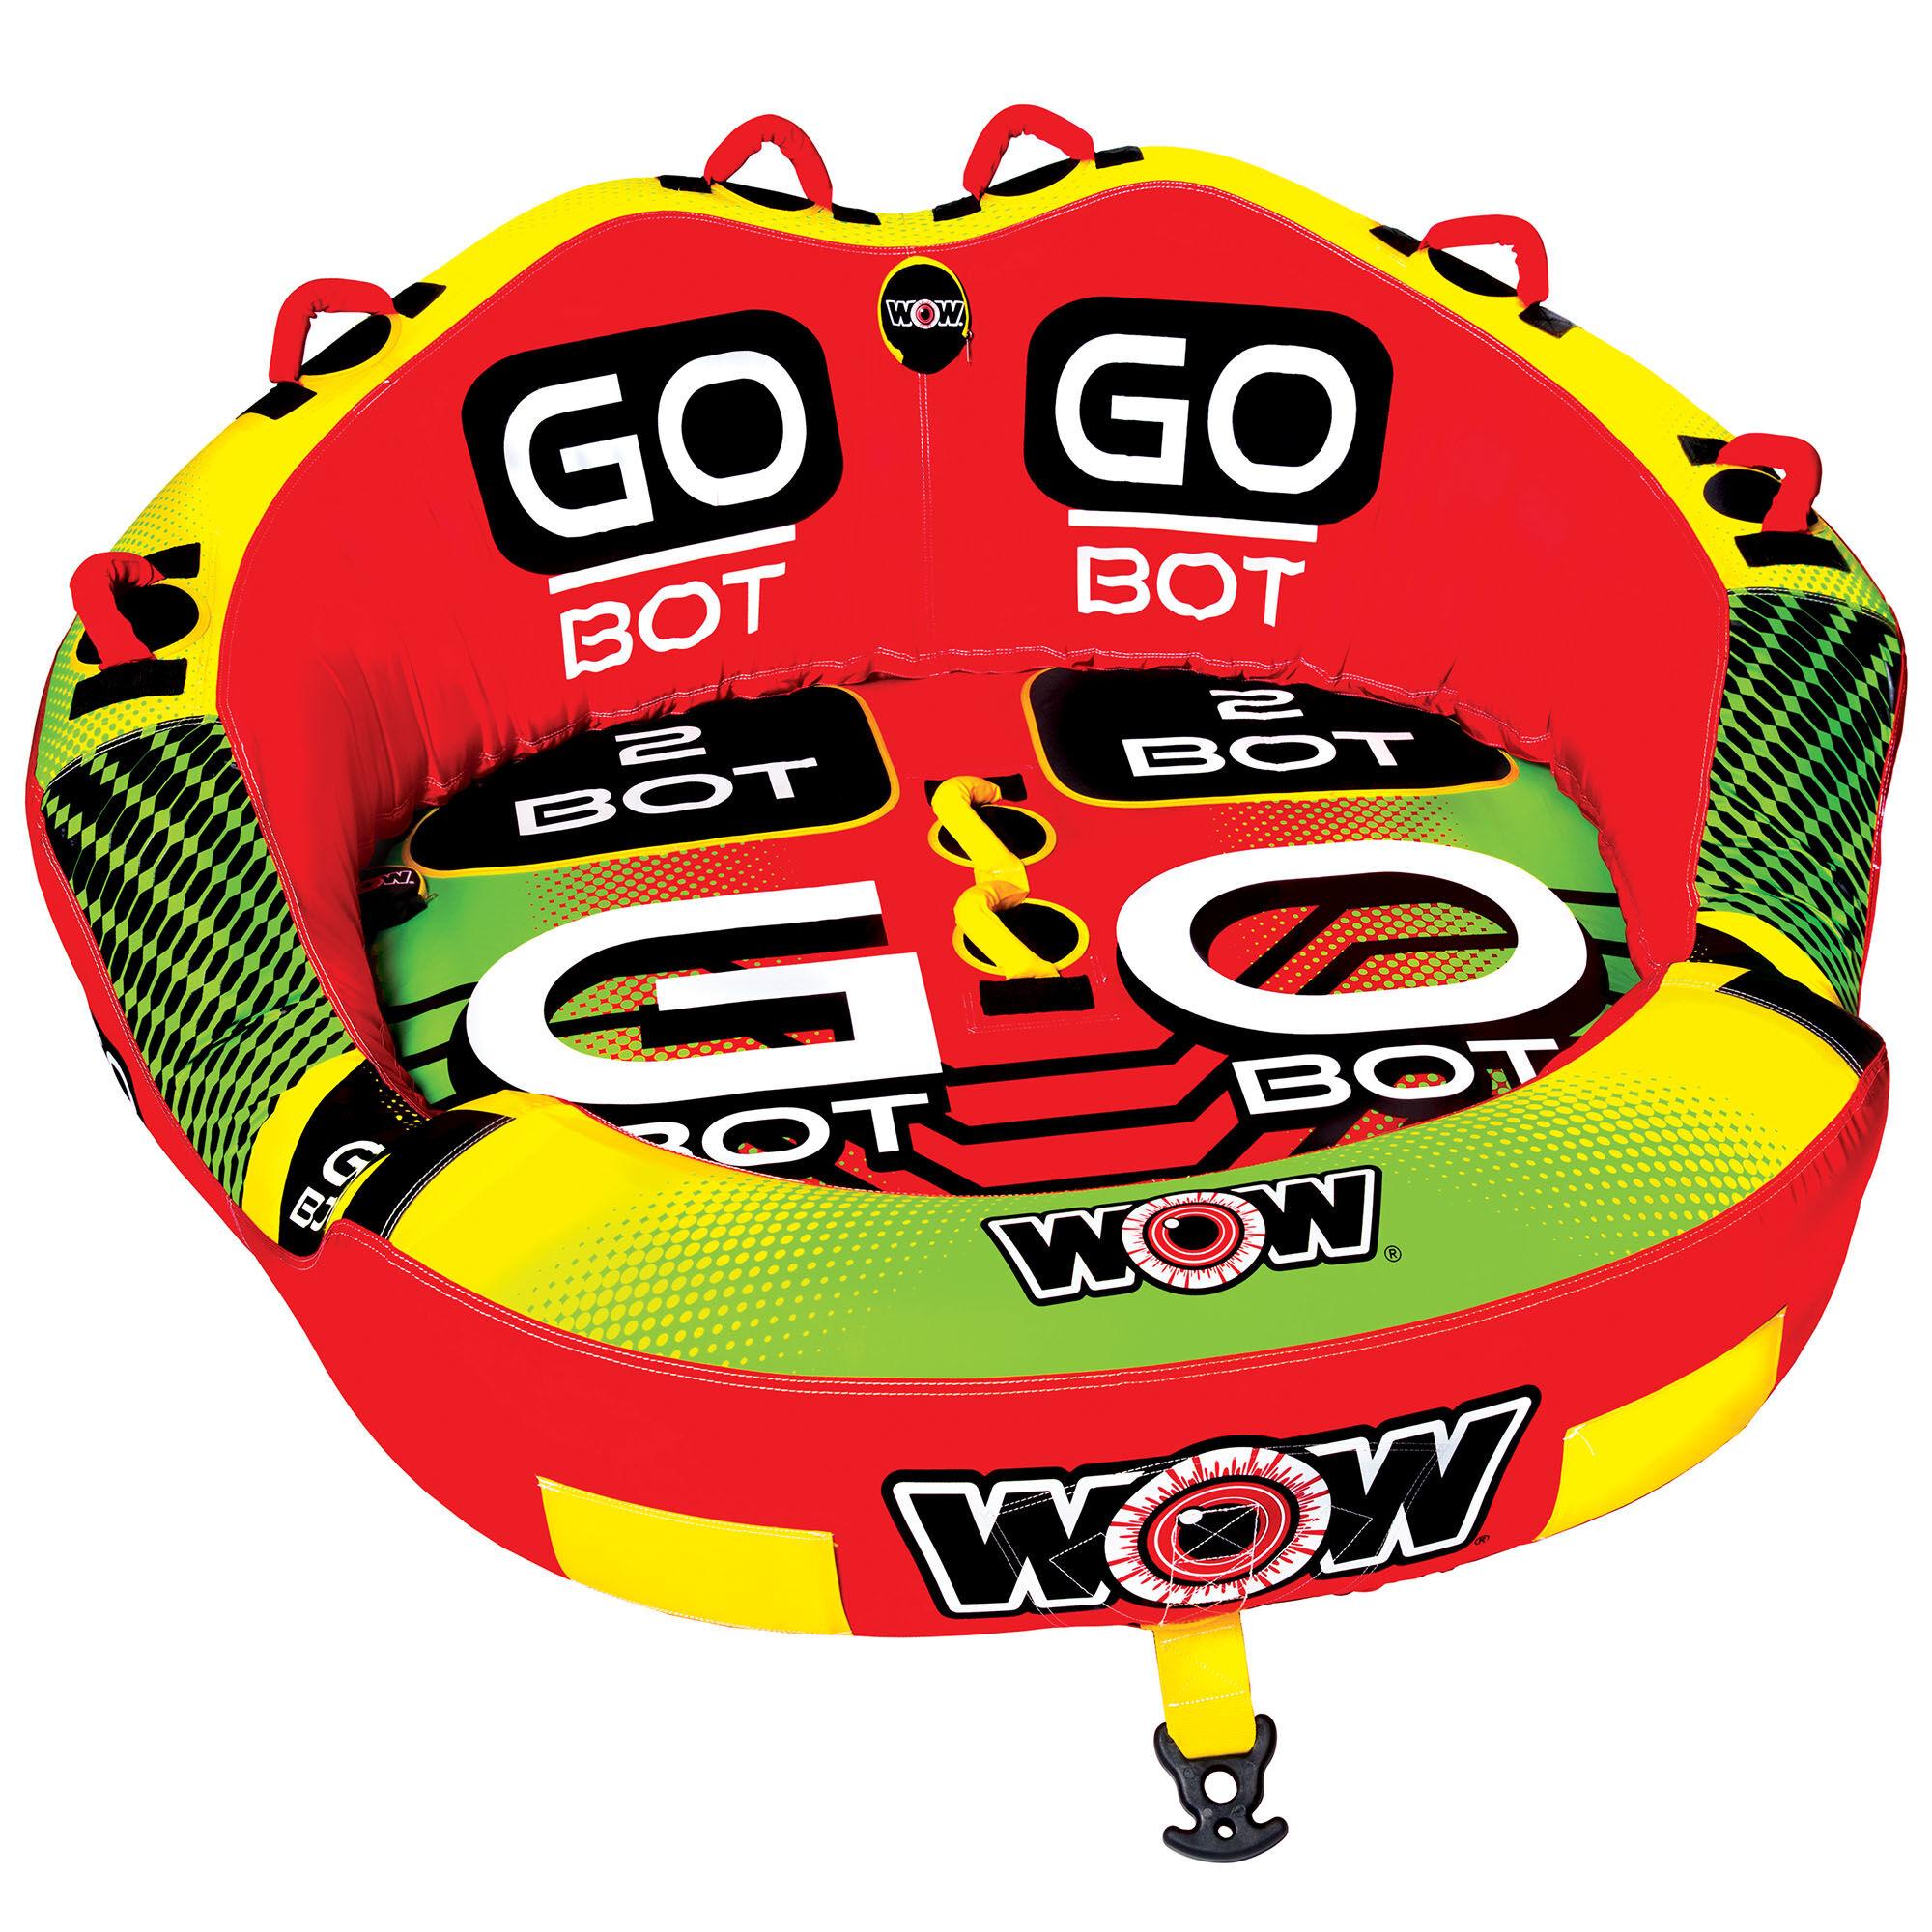 Wow Toys Sports Go-Bot 2 Person Tow Tube '20  - Orange/Yellow/Green - Size: One Size